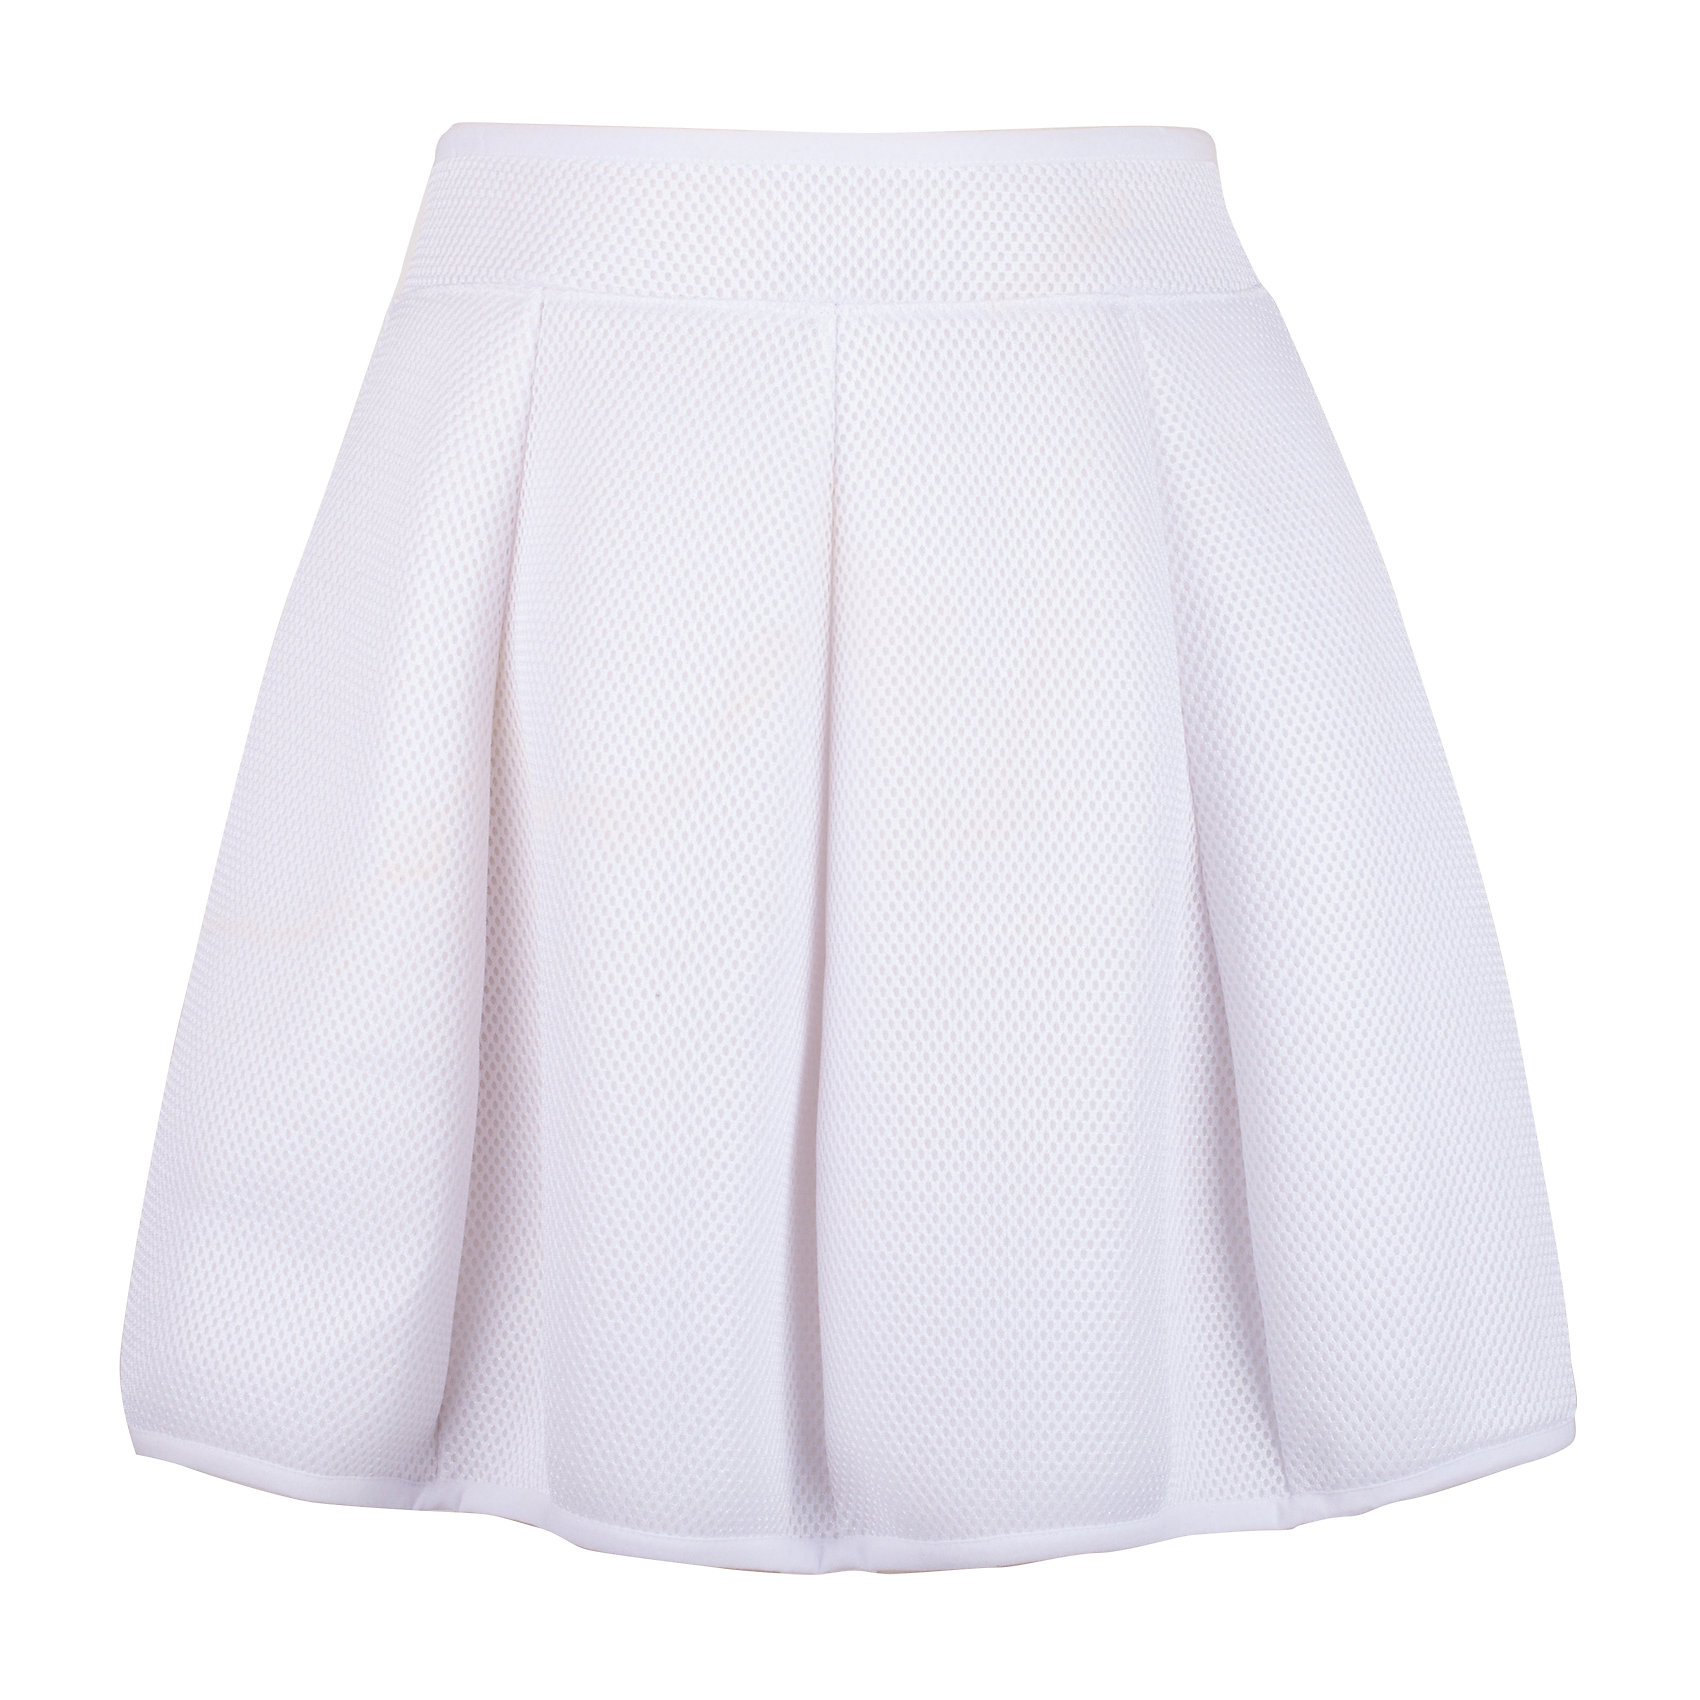 Юбка для девочки GulliverБелая юбка для девочки из модного неопрена - прекрасный вариант для тех, кто хочет быть в тренде. Юбка прекрасно держит форму и выглядит оригинально благодаря фактурной сетчатой поверхности. Белая юбка - вещь совершенно универсальная. С любой футболкой, джемпером, ветровкой, она будет смотреться ярко, создавая элегантный образ в спортивном стиле. Если вы хотите приобрести что-то новое, интересное, необычное, вам стоит купить белую юбку из неопрена. Оригинальная, необычная и в то же время очень удобная, комфортная вещь зарекомендует себя с лучшей стороны и во время городских прогулок, и в путешествии. Небольшой функциональный акцент - серебристая крупная молния сзади подчеркивает актуальность модели.<br>Состав:<br>50% хлопок      50% модал /100% полиэстер<br><br>Ширина мм: 207<br>Глубина мм: 10<br>Высота мм: 189<br>Вес г: 183<br>Цвет: белый<br>Возраст от месяцев: 156<br>Возраст до месяцев: 168<br>Пол: Женский<br>Возраст: Детский<br>Размер: 164,146,152,158<br>SKU: 5483069